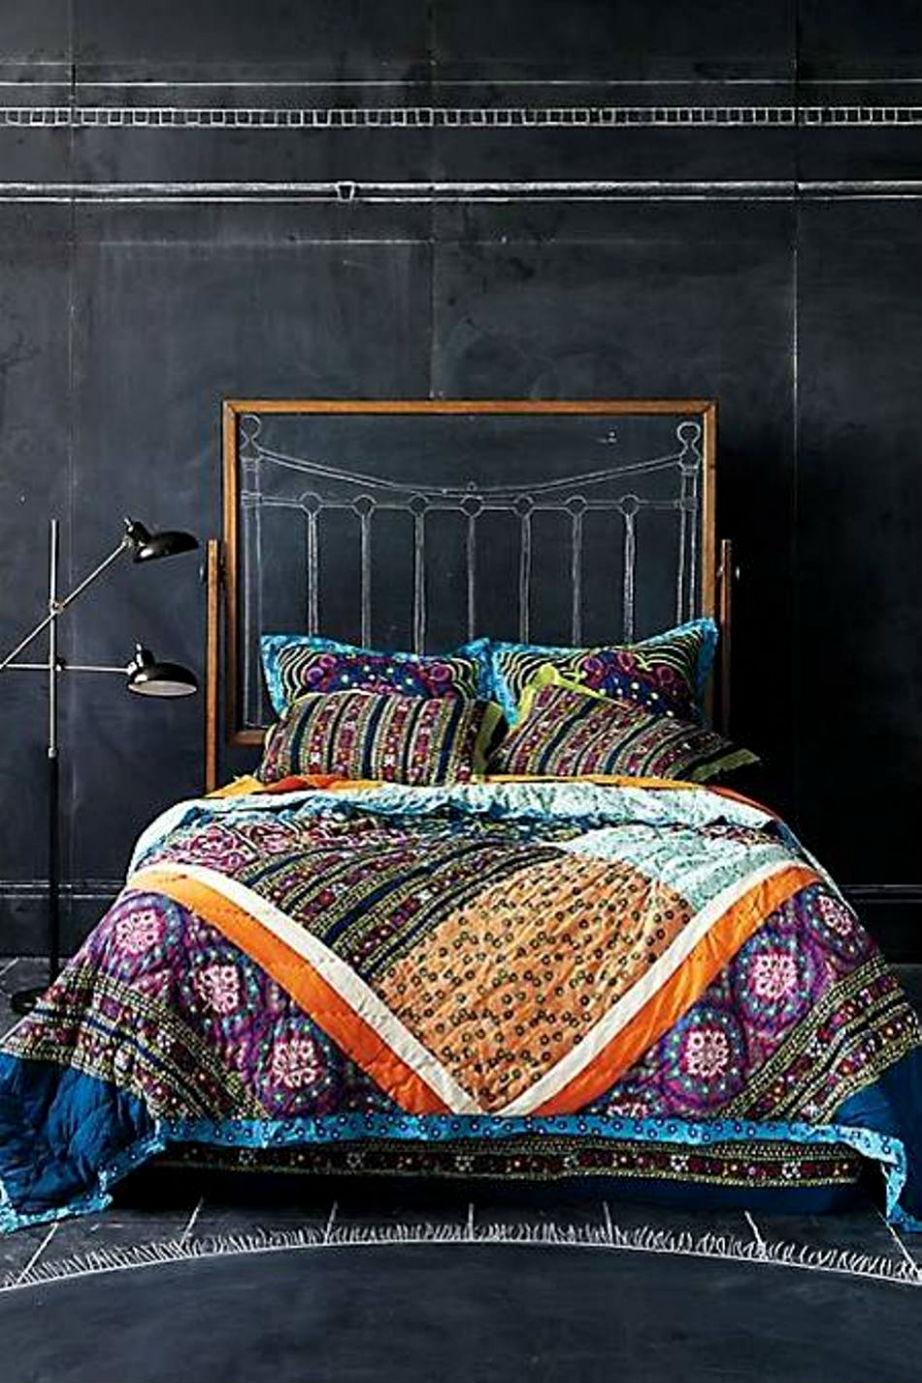 Πιο cool κρεβατοκάμαρα γίνεται; Γίνεται με μπογιά μαυροπίνακα και μπόλικη φαντασία!